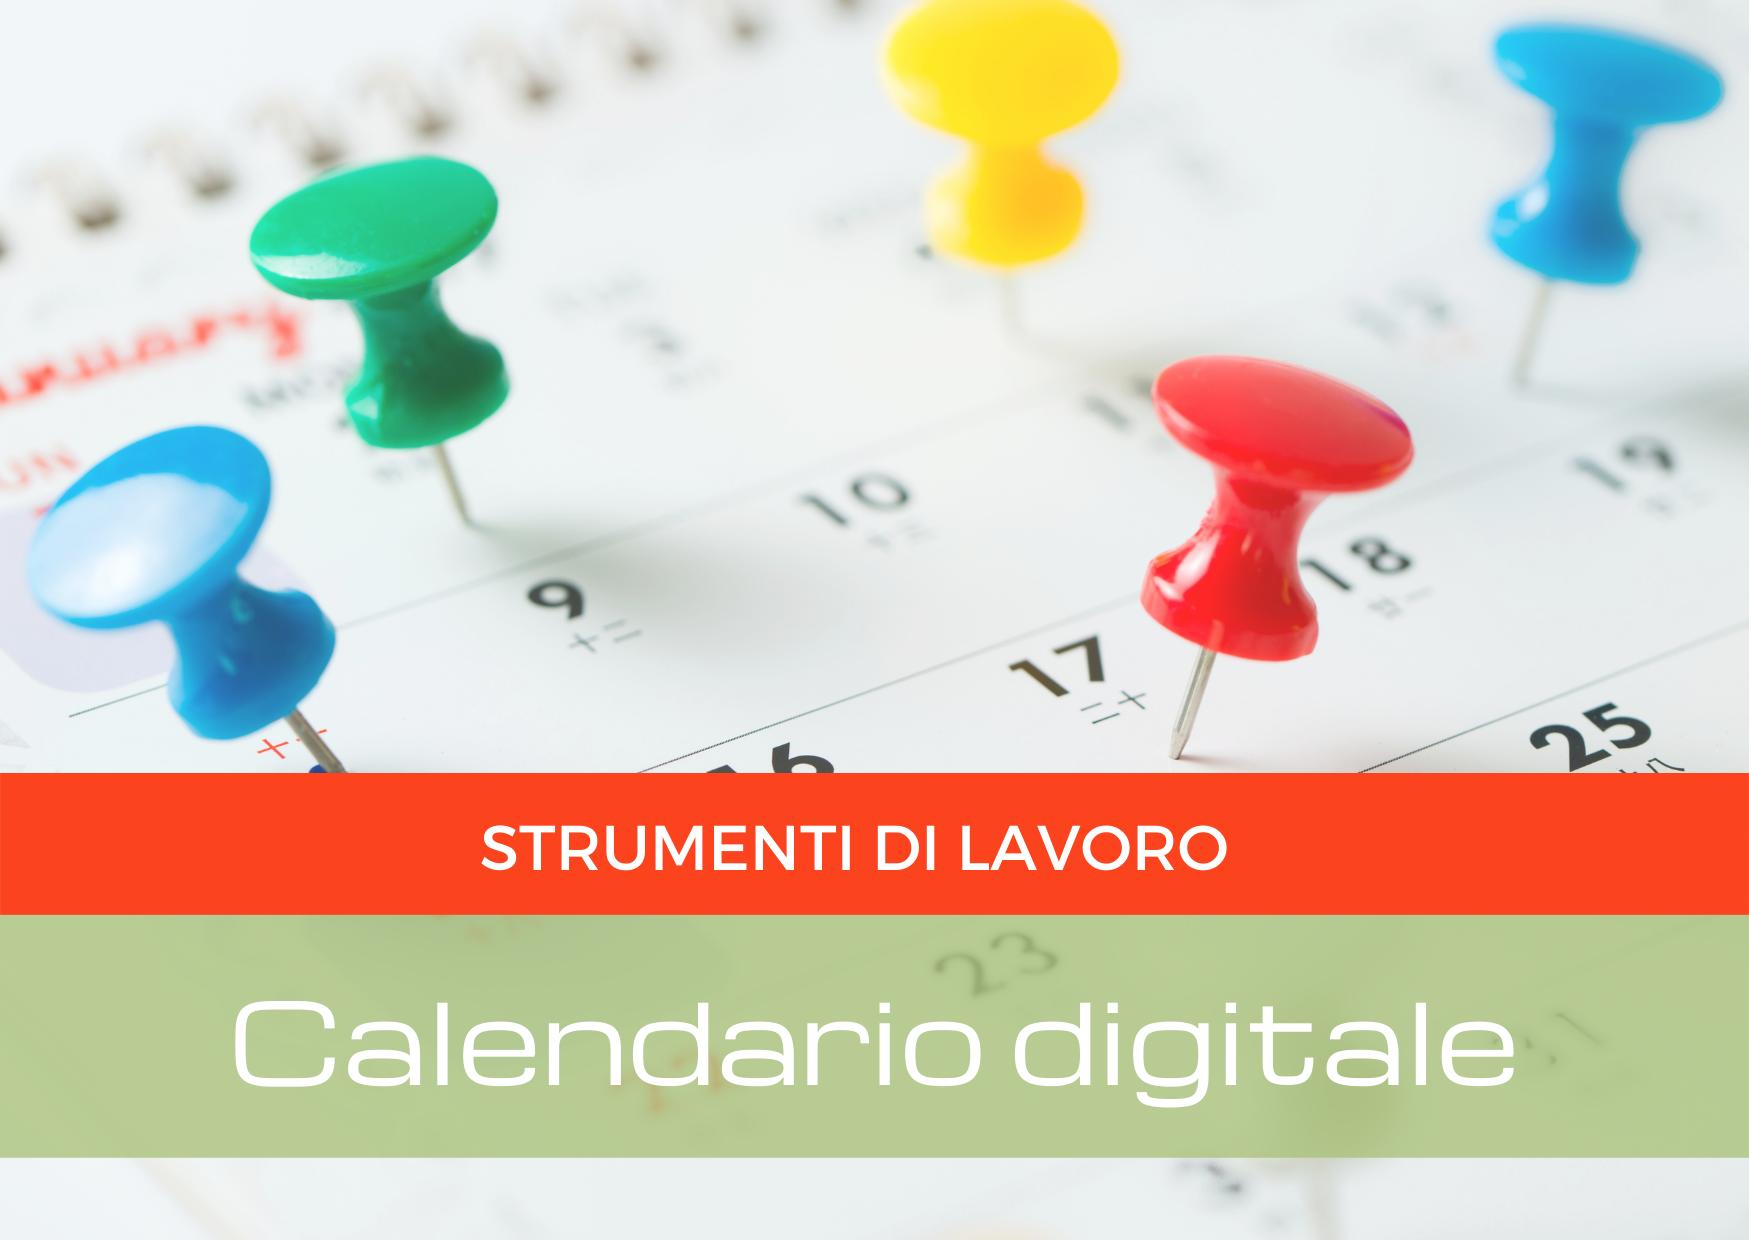 calendario digitale